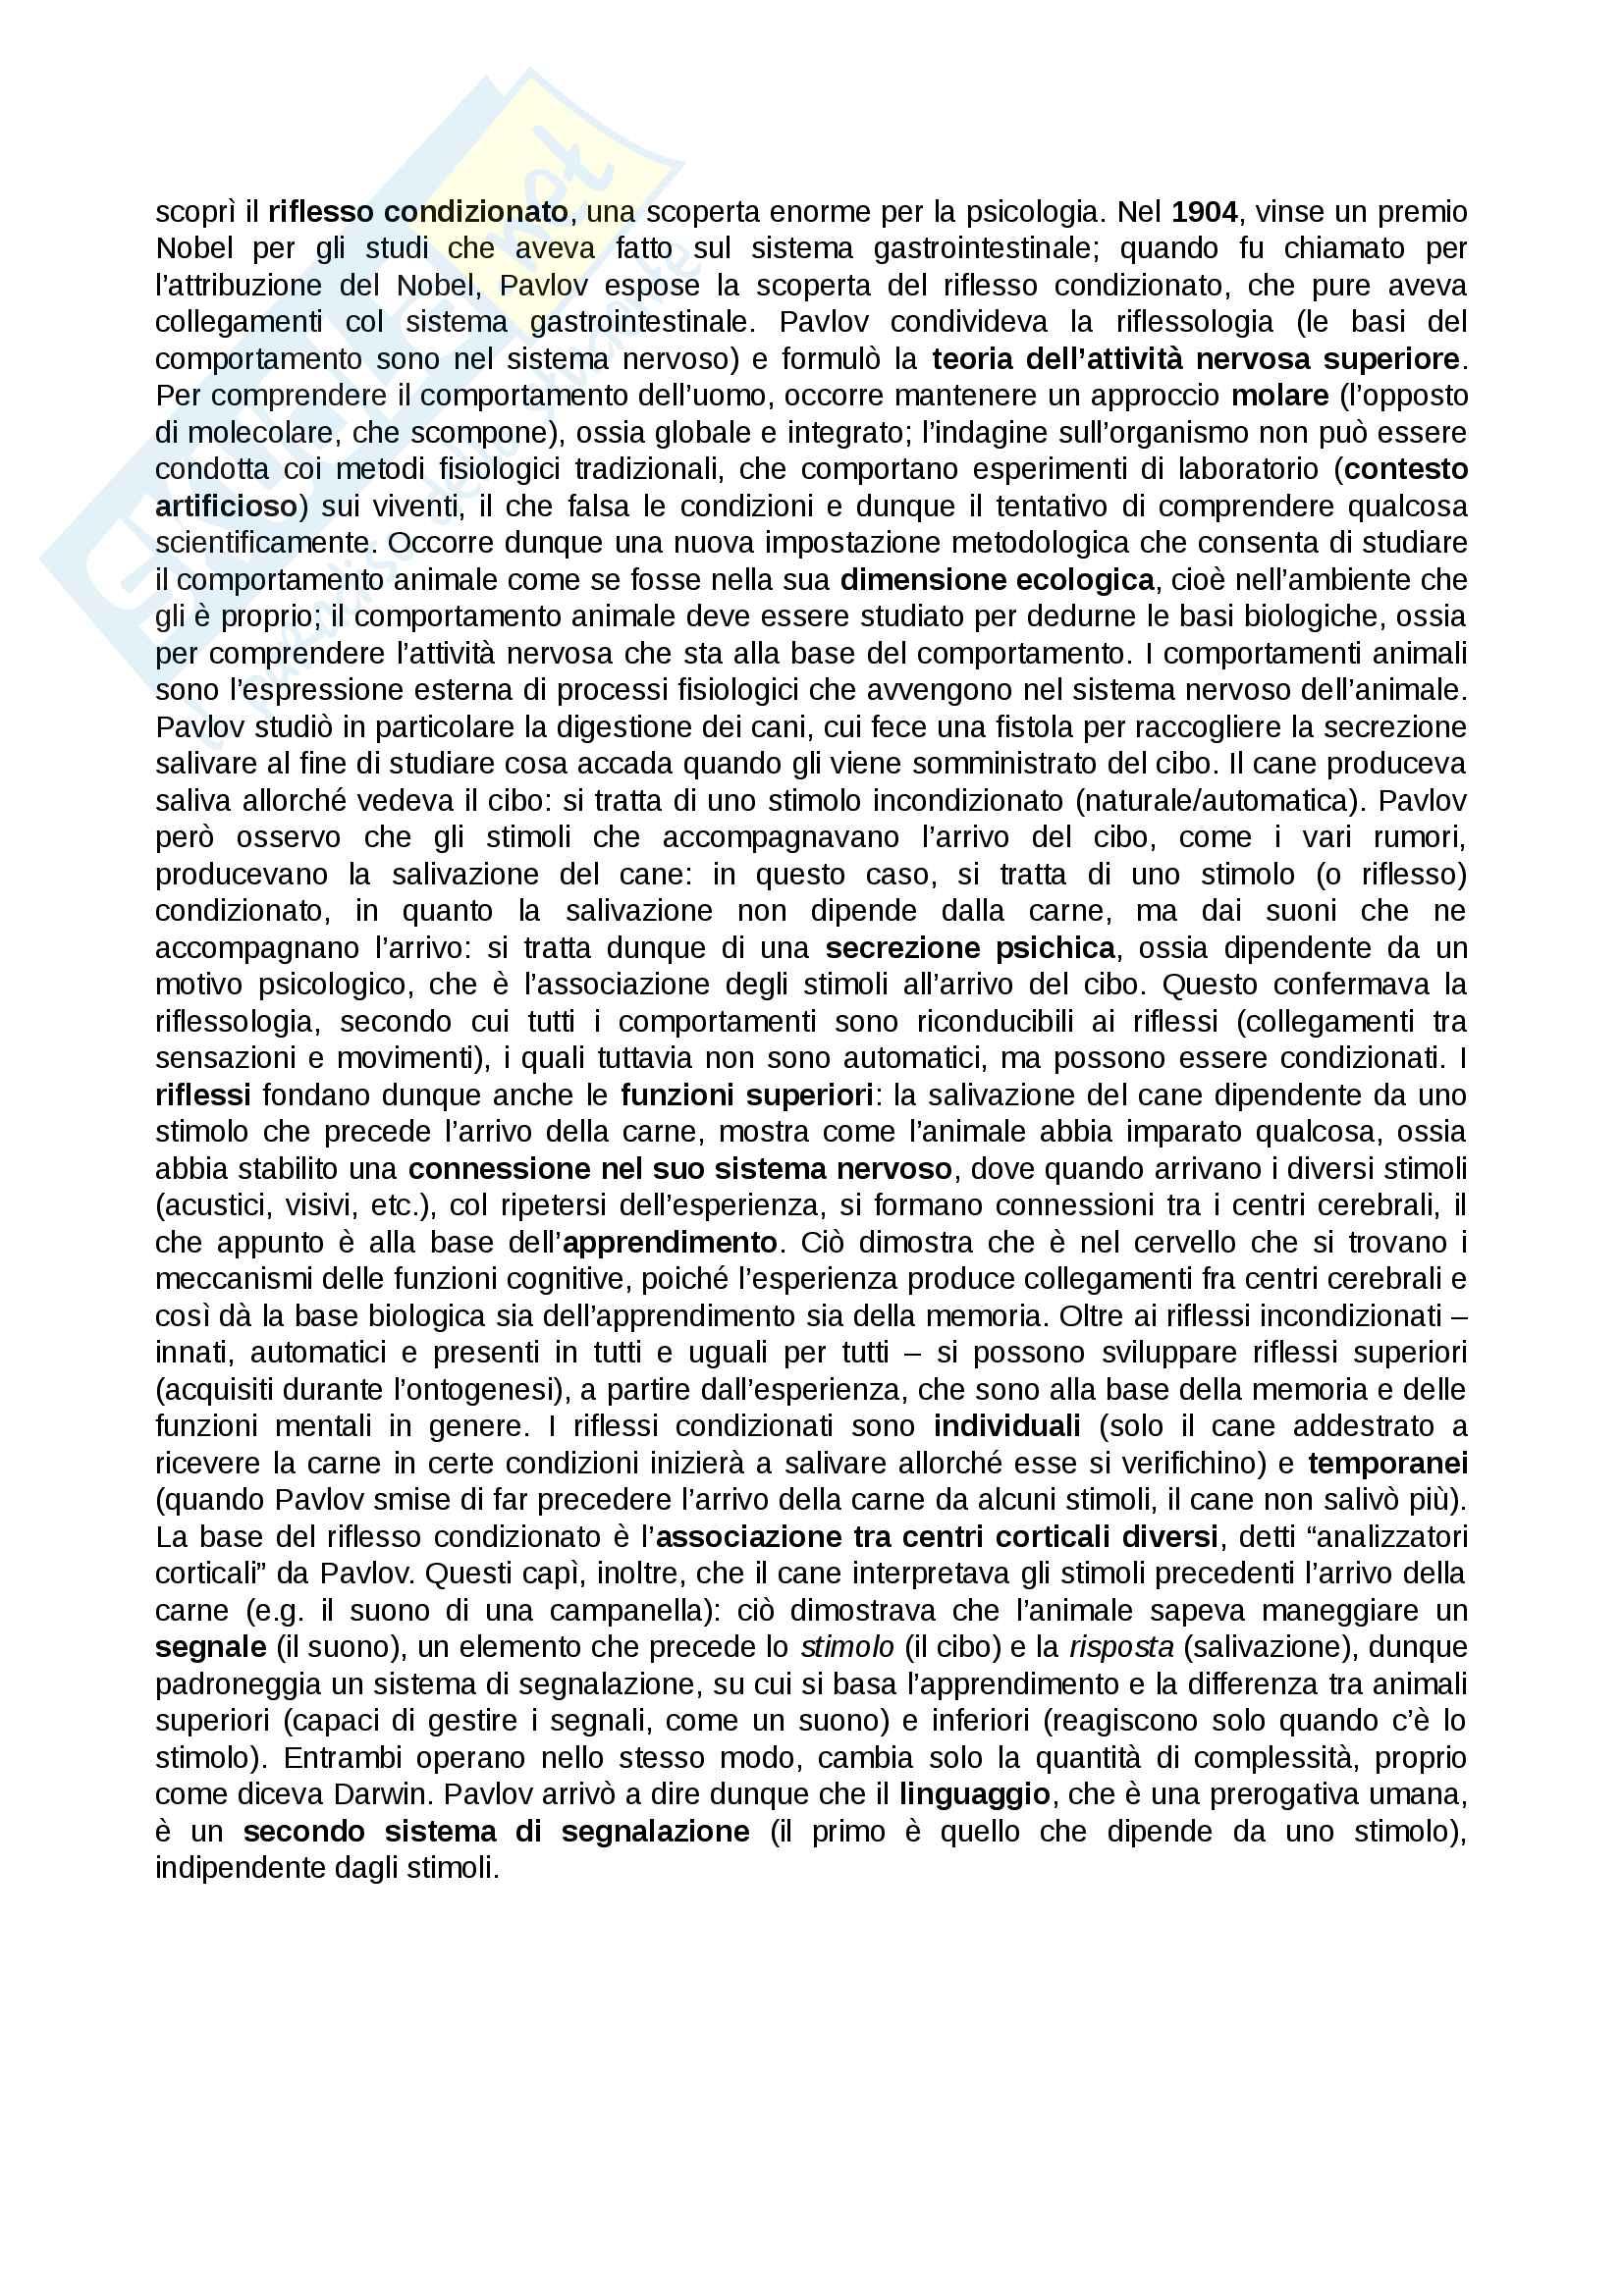 Fondamenti di Psicologia Generale (Prof.ssa Morabito) Mod. A Pag. 16